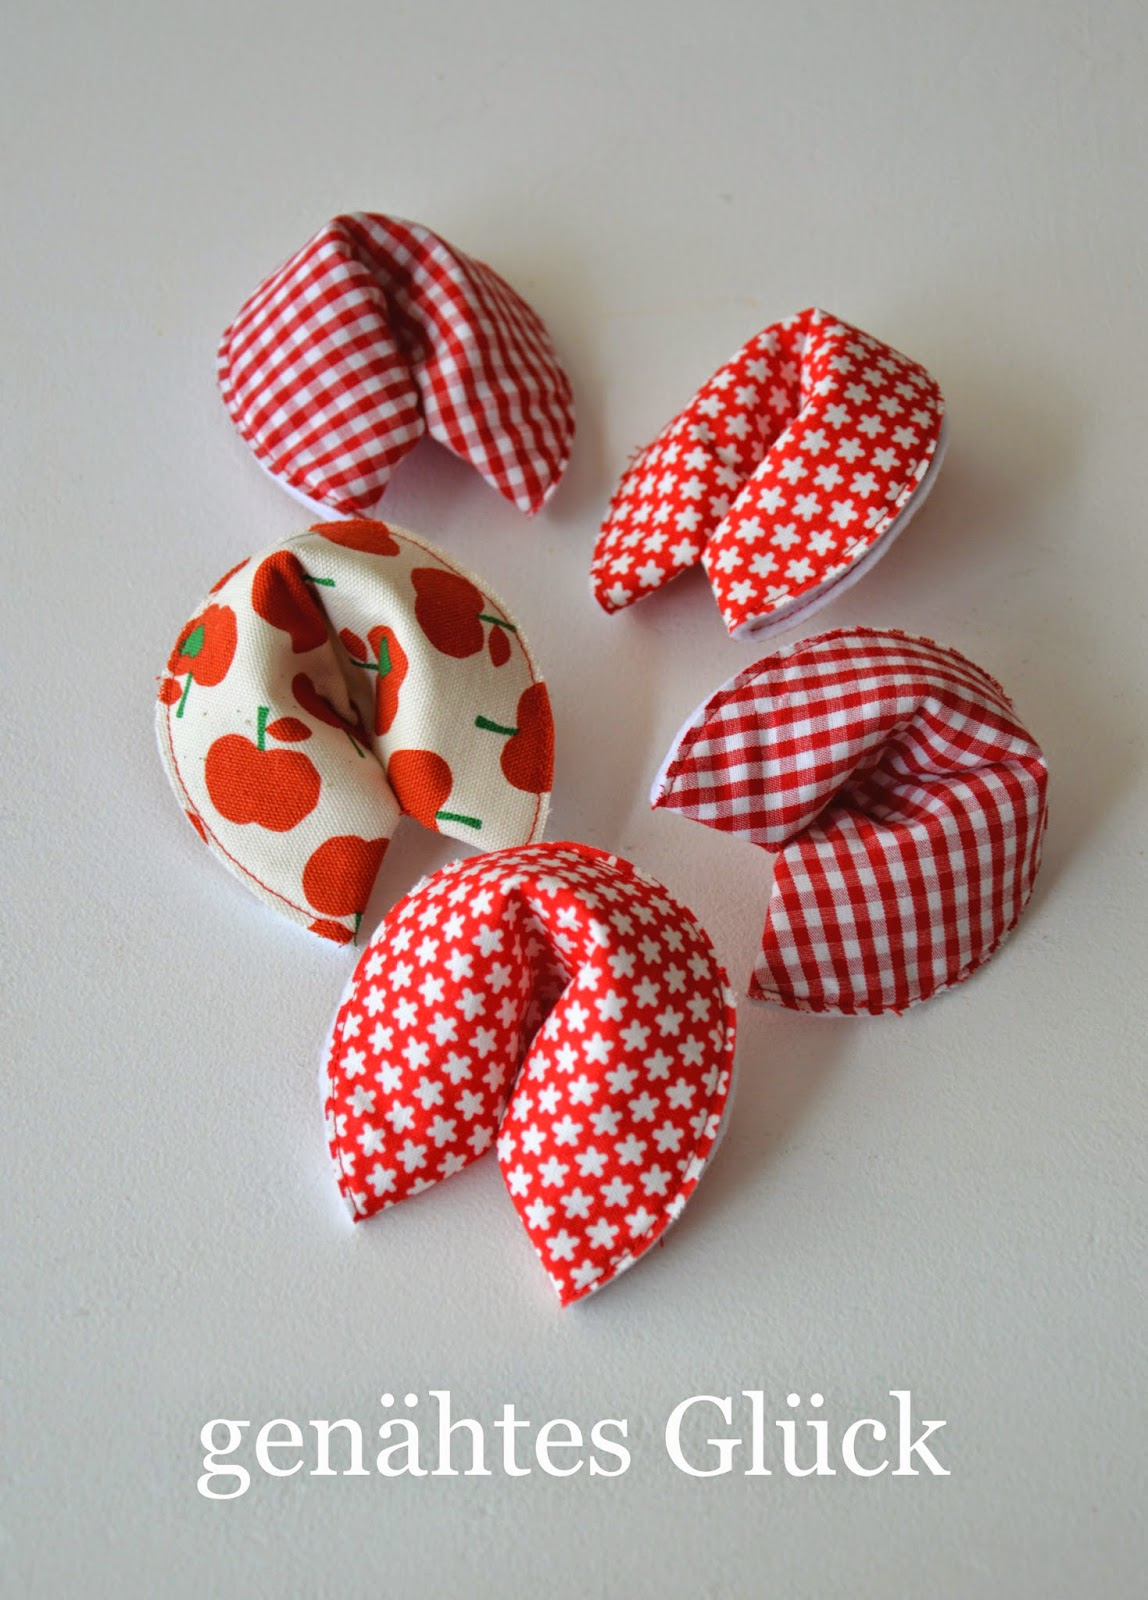 Genahte Gluckskekse In Der Box Zuckersusse Apfel Kreativer